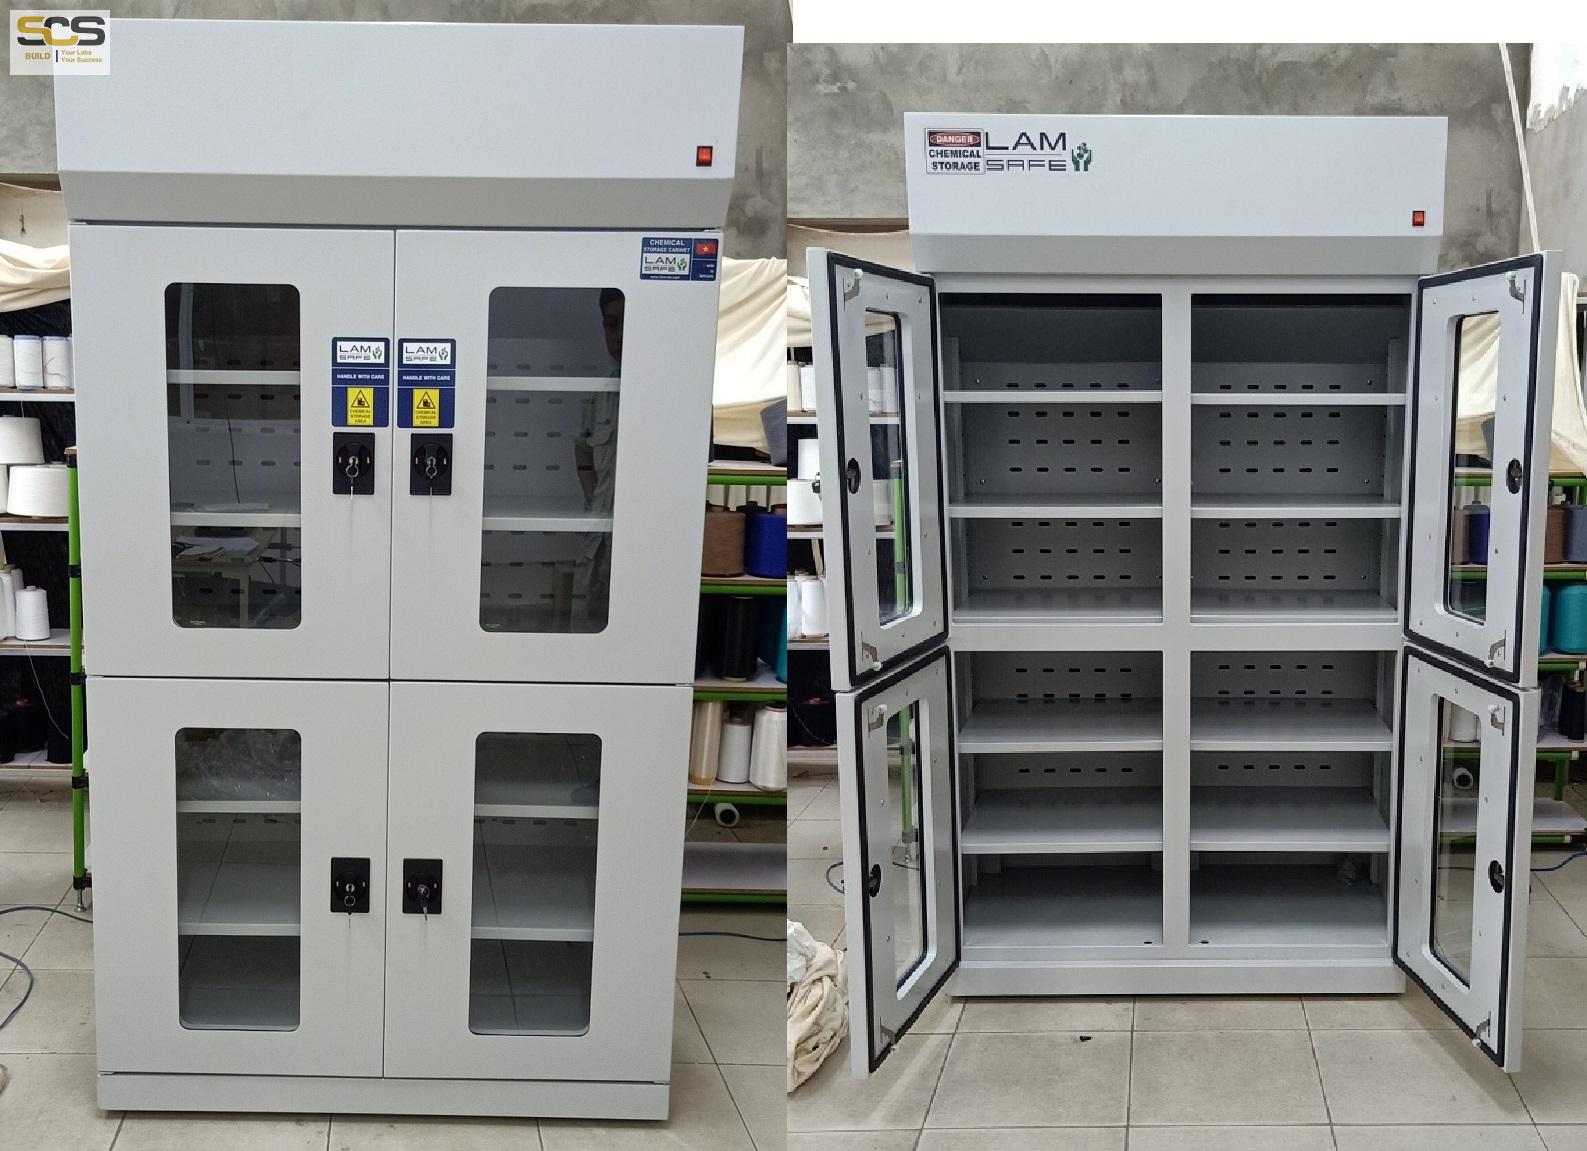 Tủ đựng hóa chất có lọc hấp thu hóa chất kích thước 800mm